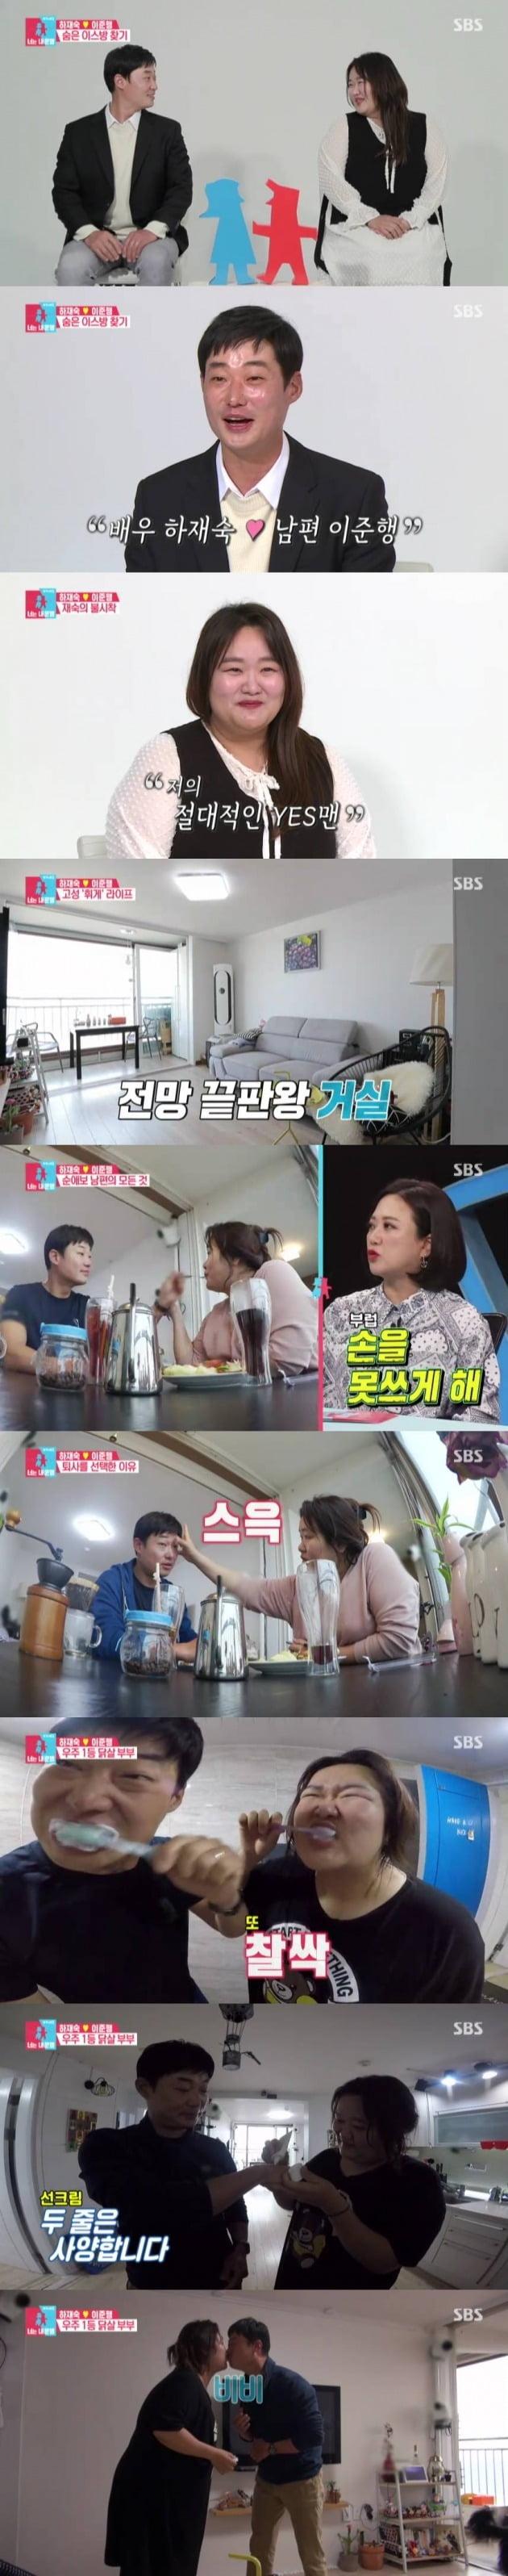 SBS '동상이몽 시즌2 - 너는 내 운명' 방송화면. /사진제공=SBS